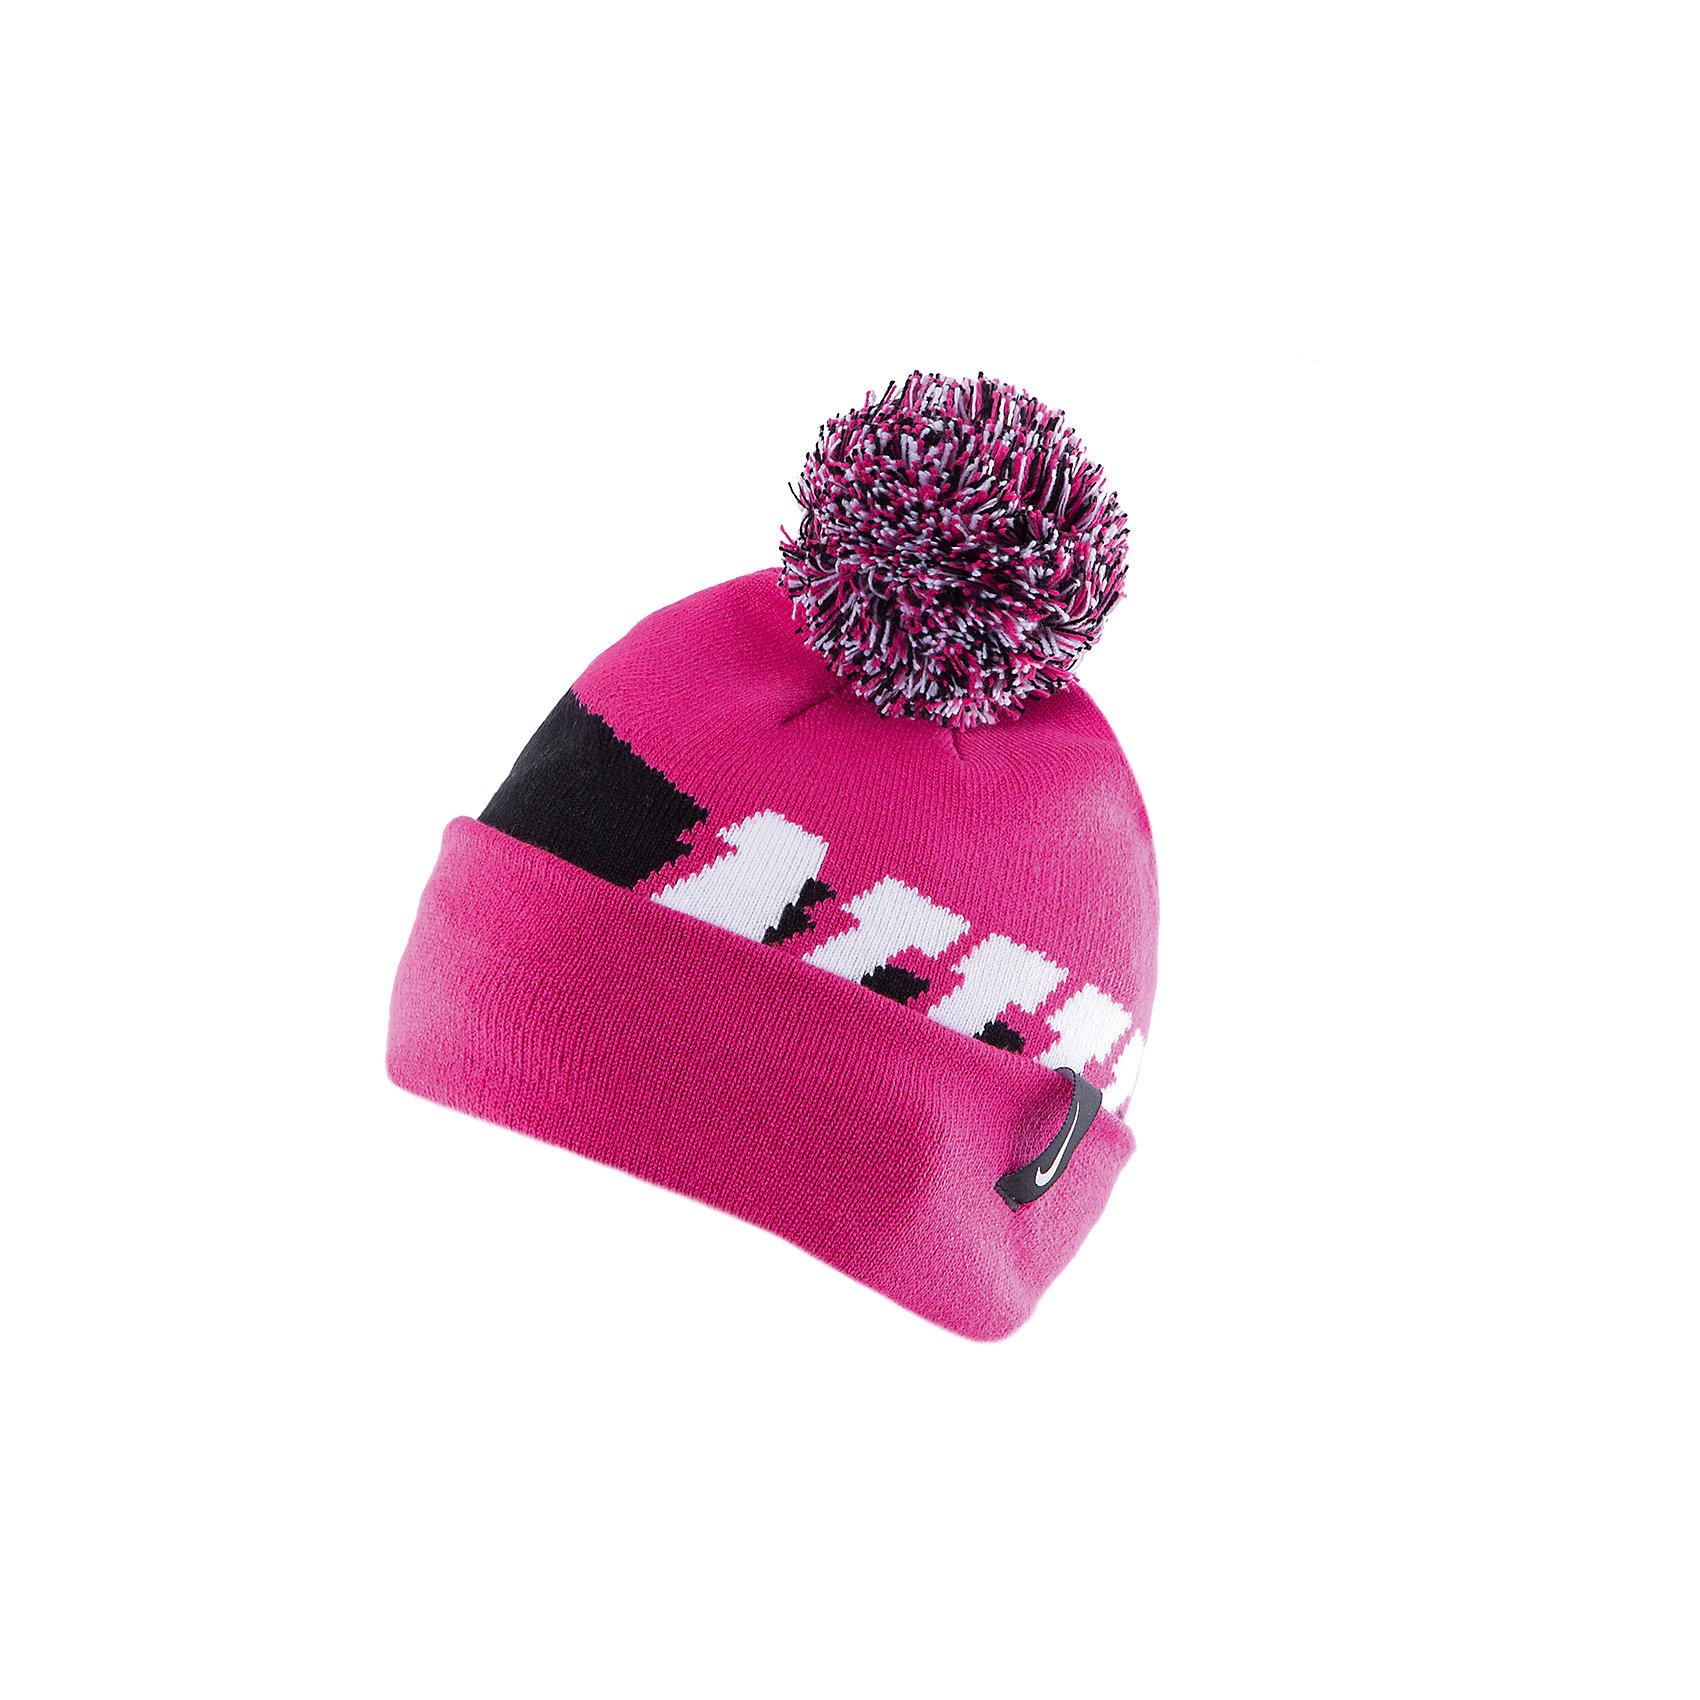 Шапка для девочки NIKE SEASONAL POM BEANIE YTH NIKEДемисезонные<br>Двусторонняя шапка  от известного бренда Nike выполнена из акрила, прекрасно сохраняет тепло, очень приятна к телу, не вытягивается. Шапка декорирована контрастным принтом и объемным помпоном. Прекрасный вариант для прохладной погоды! <br><br>Дополнительная информация:<br><br>- Двухсторонняя шапка.<br>- Цвет: розовый, белый, черный.<br>- Сезон: демисезонная.<br>- Температурный режим: от + 5? до 0? <br>- Декоративные элементы: помпон, логотип. <br>Параметры:<br>- Глубина: 22 см.<br><br>Состав:<br>акрил 96%, нейлон 3%, эластан, 1%<br><br>Шапку для девочки NIKE SEASONAL POM BEANIE YTH, NIKE (Найк) можно купить в нашем магазине.<br><br>Ширина мм: 89<br>Глубина мм: 117<br>Высота мм: 44<br>Вес г: 155<br>Цвет: розовый<br>Возраст от месяцев: 84<br>Возраст до месяцев: 144<br>Пол: Женский<br>Возраст: Детский<br>Размер: one size<br>SKU: 4233493